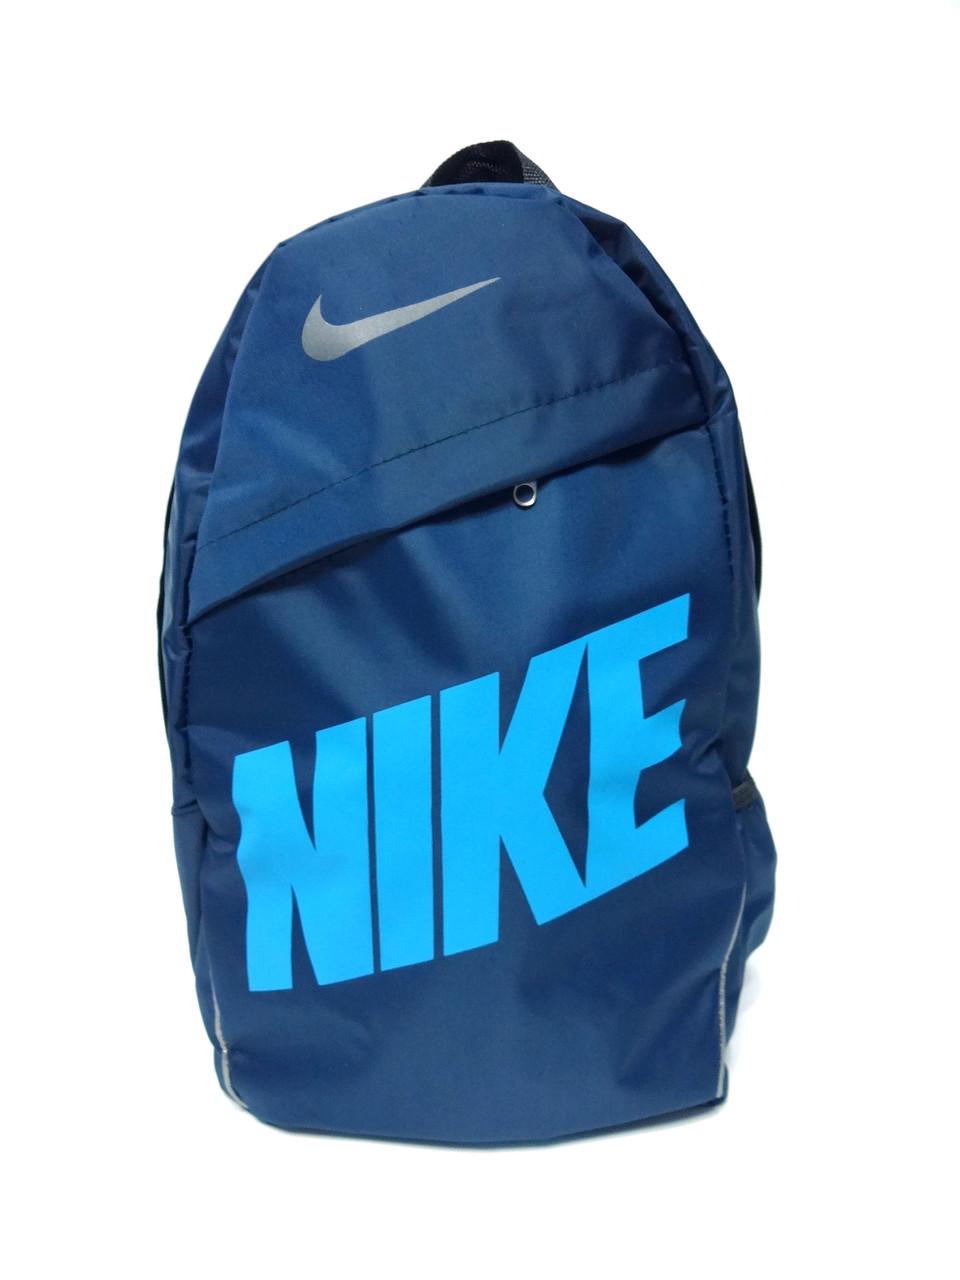 Спортивний рюкзак портфель Nike (Найк) молодіжний. Синій з блакитним узором репліка